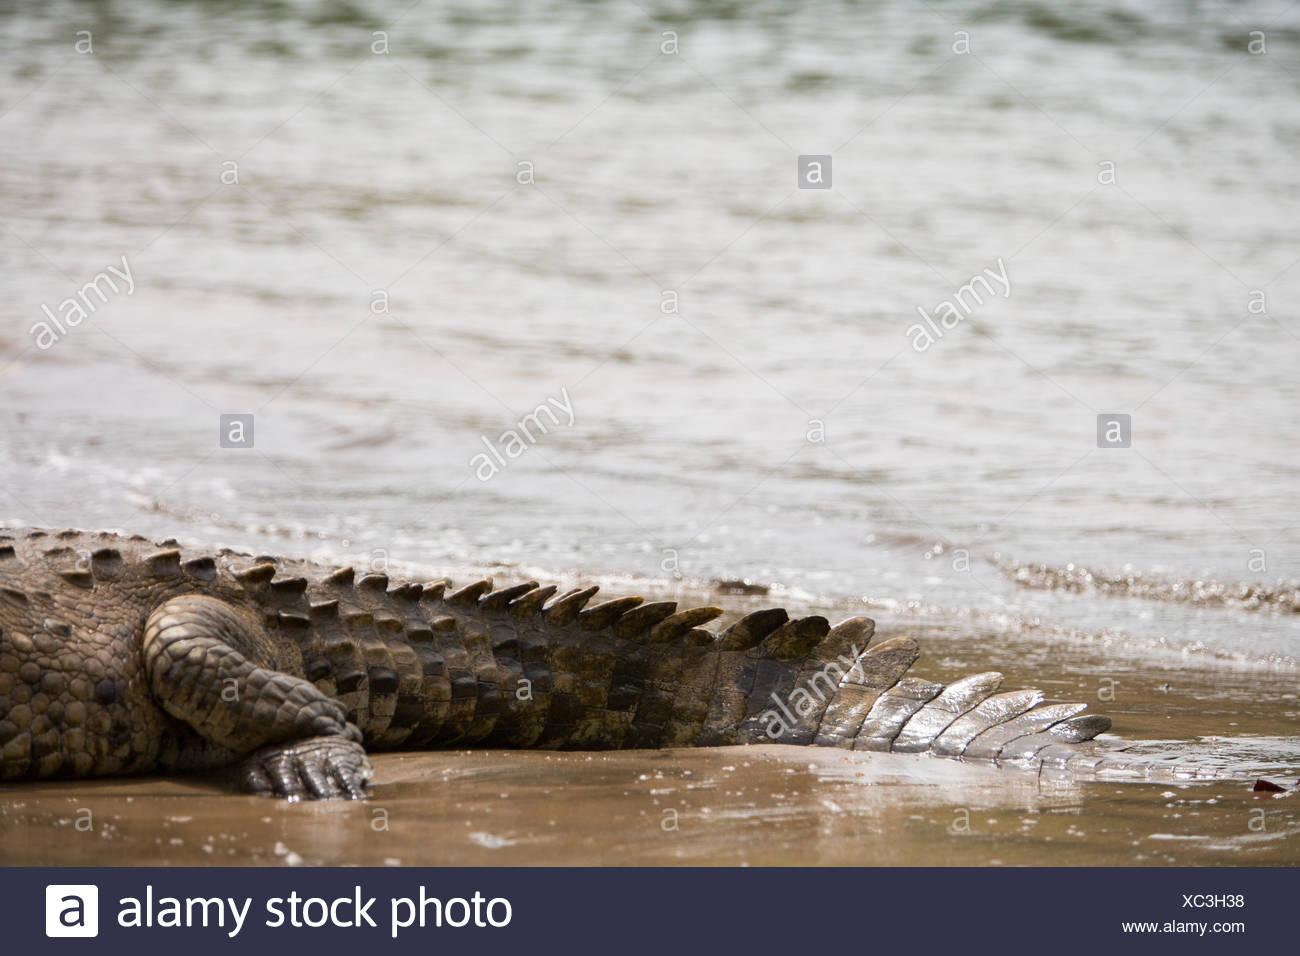 En el Parque Nacional Isla Coiba,los detalles de un cocodrilo americano es duro,piel escamosa y la cola son visibles descansando en el agua. Imagen De Stock